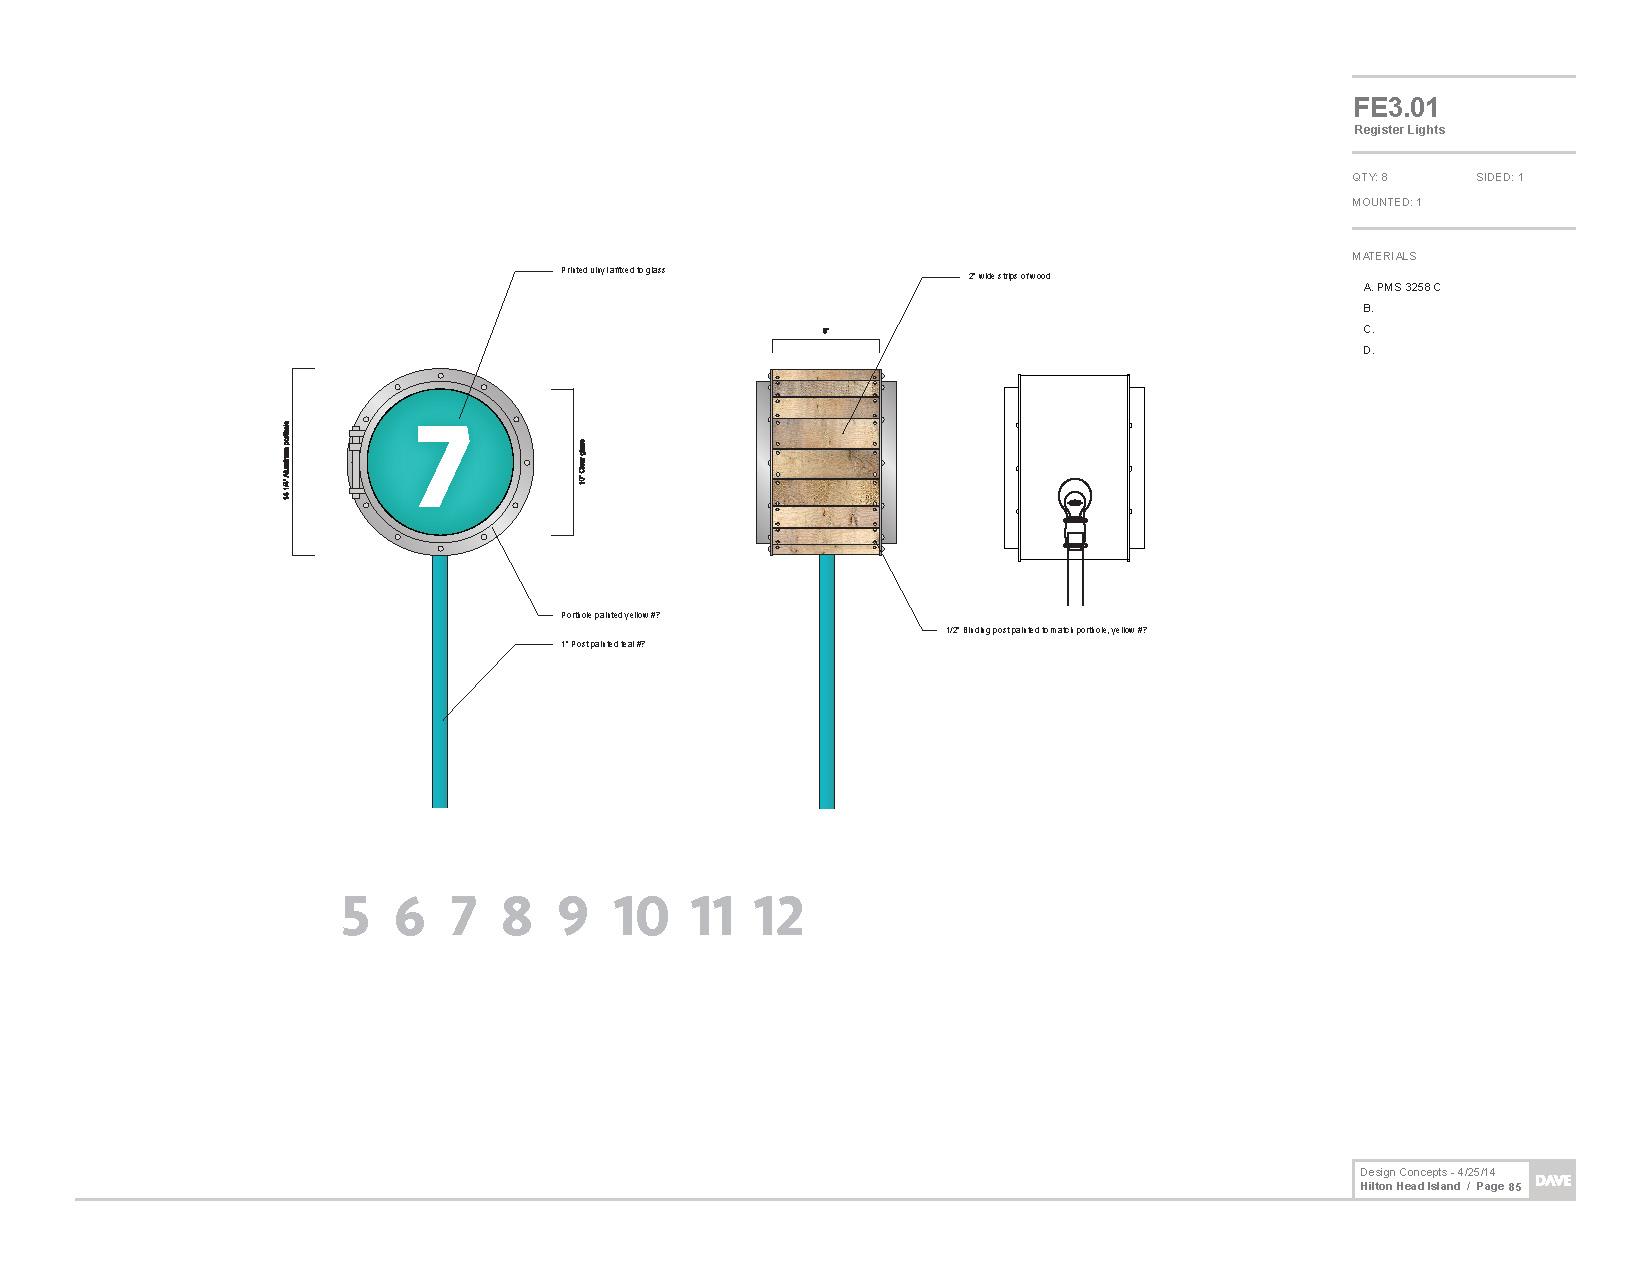 WFM_HHI_Design_Set_04_25_14_Page_85.jpg